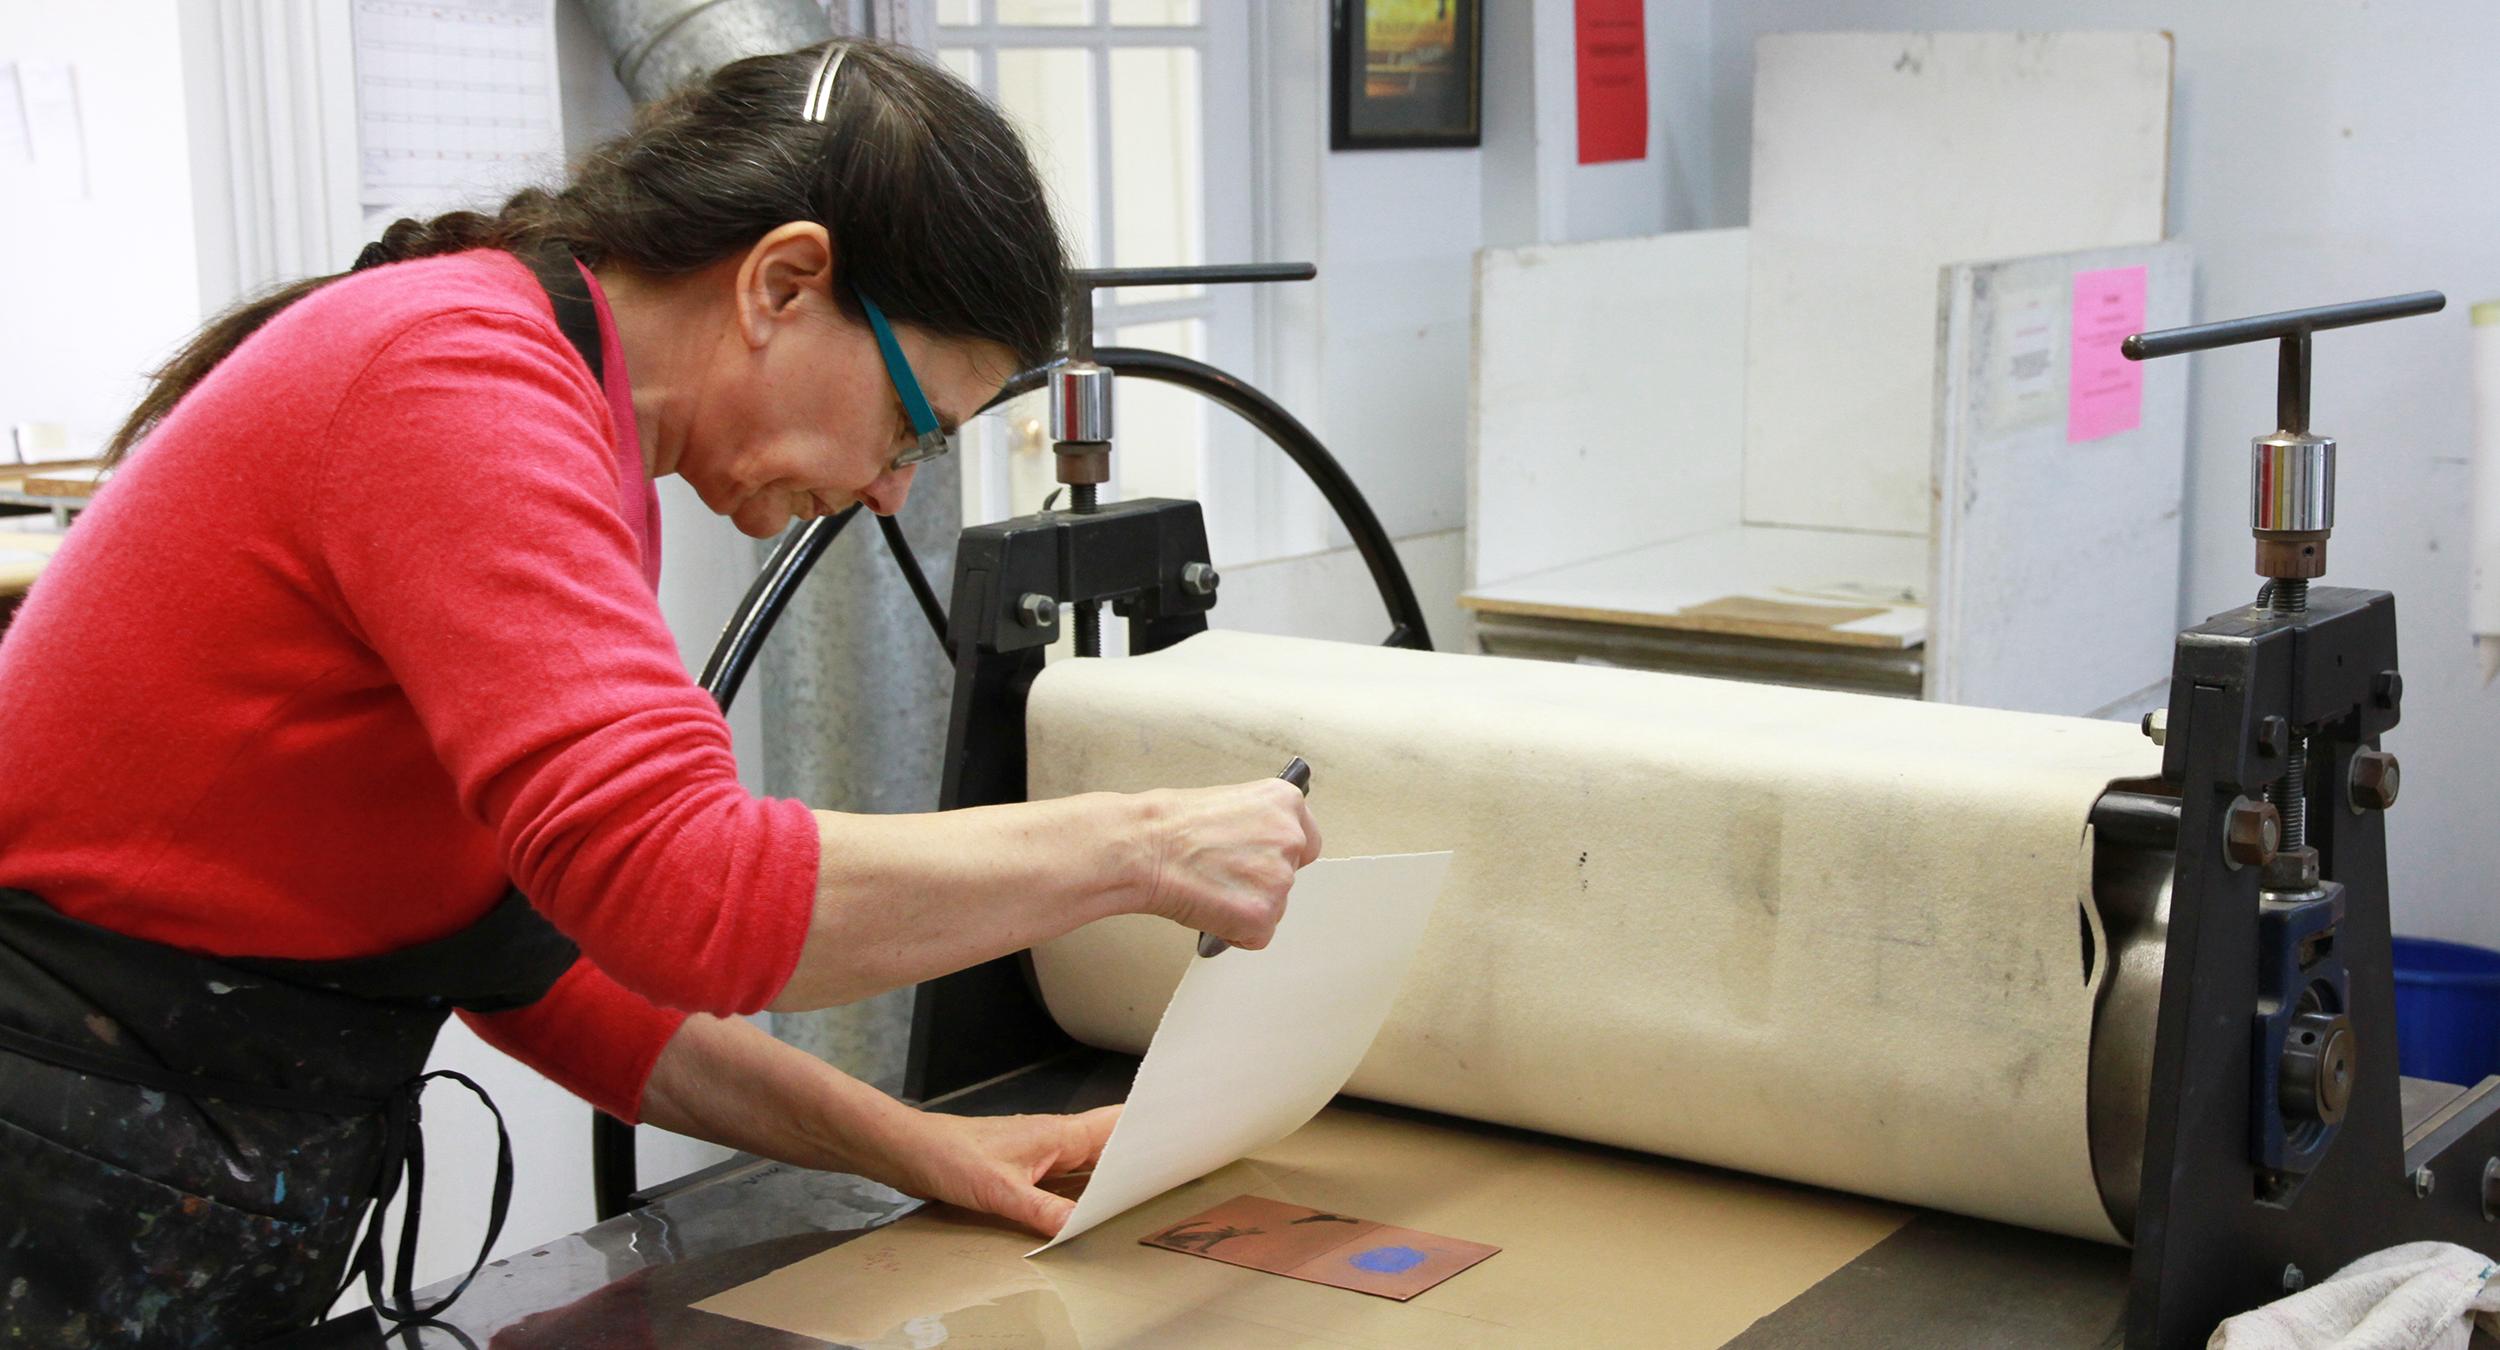 Frédérique Guichard au travail. Technique d'estampe : eau-forte.  Qu'est-ce que c'est? Crédit photo : Catherine Leblond.